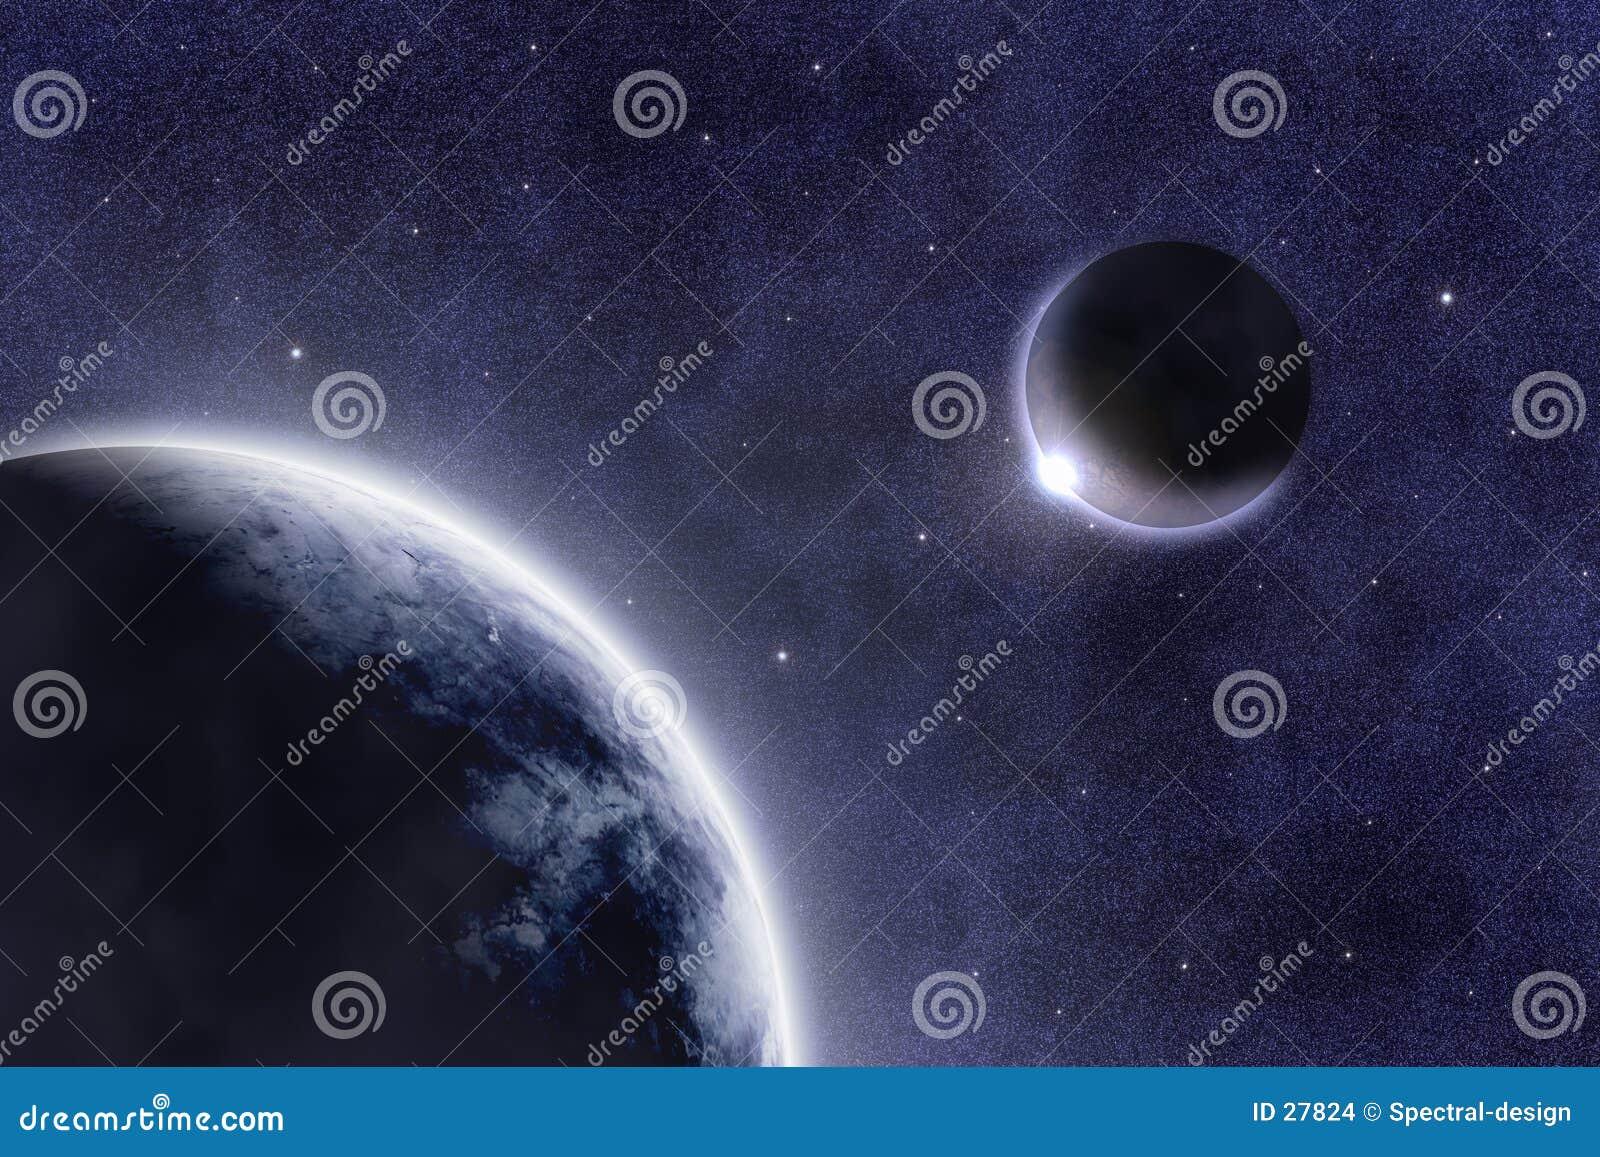 667 M spacescape